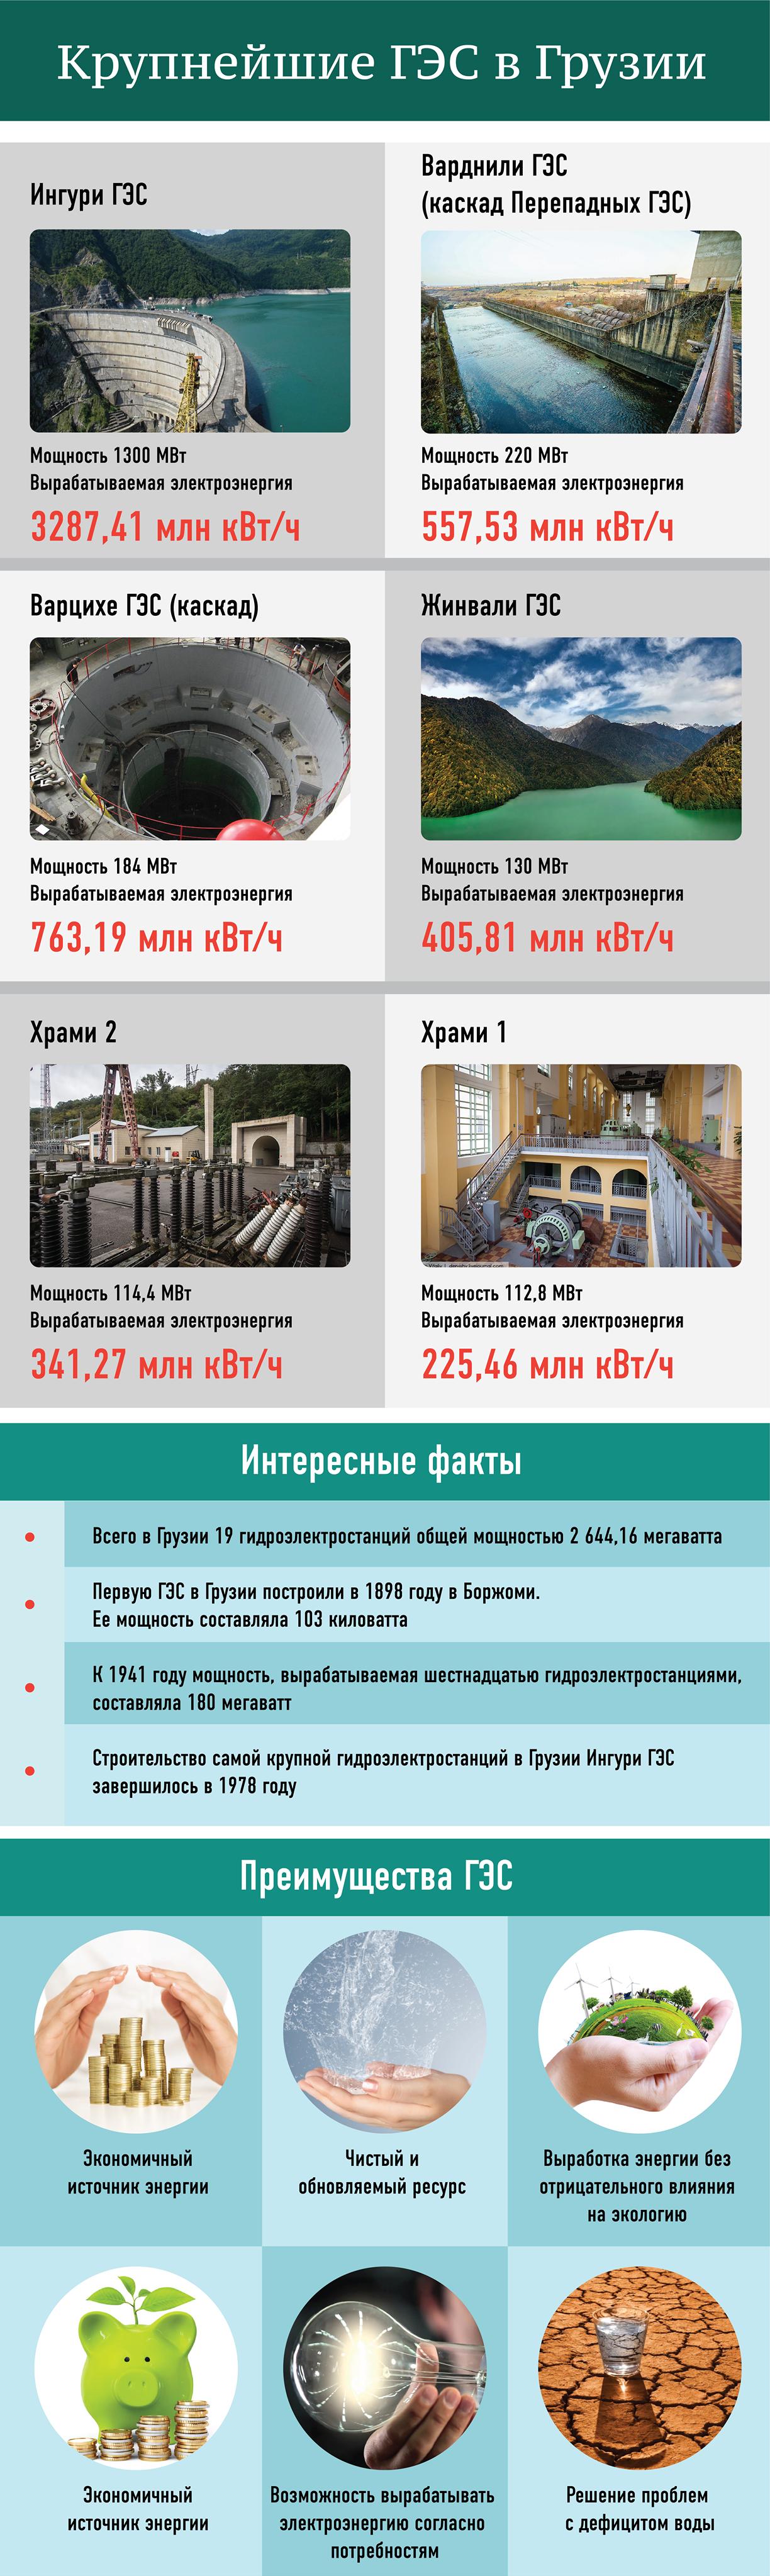 Крупнейшие ГЭС в Грузии